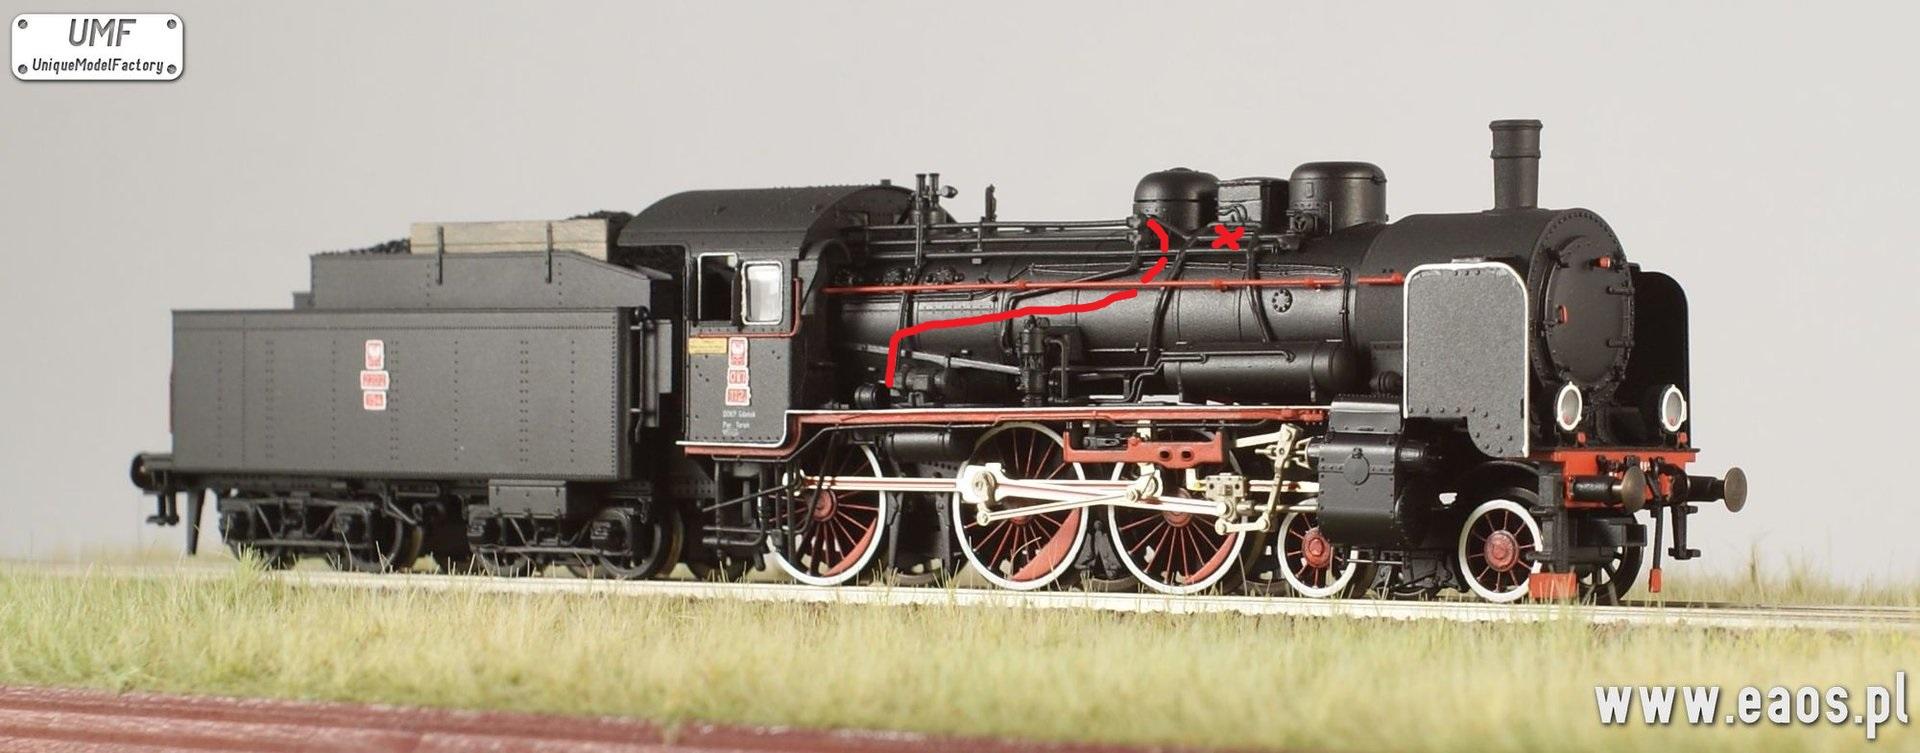 Ok1 model UMF.JPG